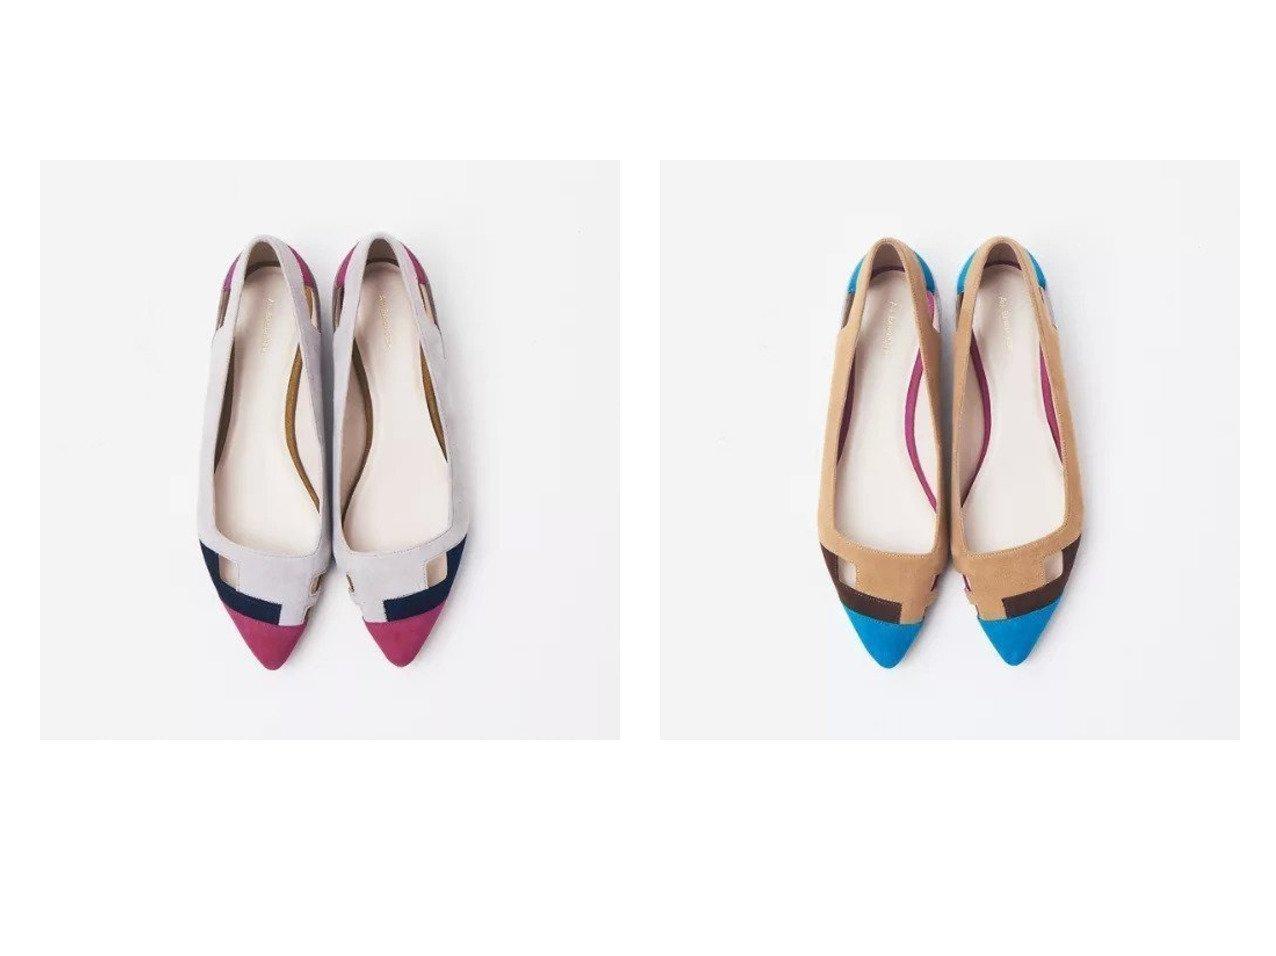 【Au BANNISTER/オゥ バニスター】のカットワークフラットパンプス 【シューズ・靴】おすすめ!人気、トレンド・レディースファッションの通販 おすすめで人気の流行・トレンド、ファッションの通販商品 メンズファッション・キッズファッション・インテリア・家具・レディースファッション・服の通販 founy(ファニー) https://founy.com/ ファッション Fashion レディースファッション WOMEN シューズ フラット ブロック 定番 Standard |ID:crp329100000028394